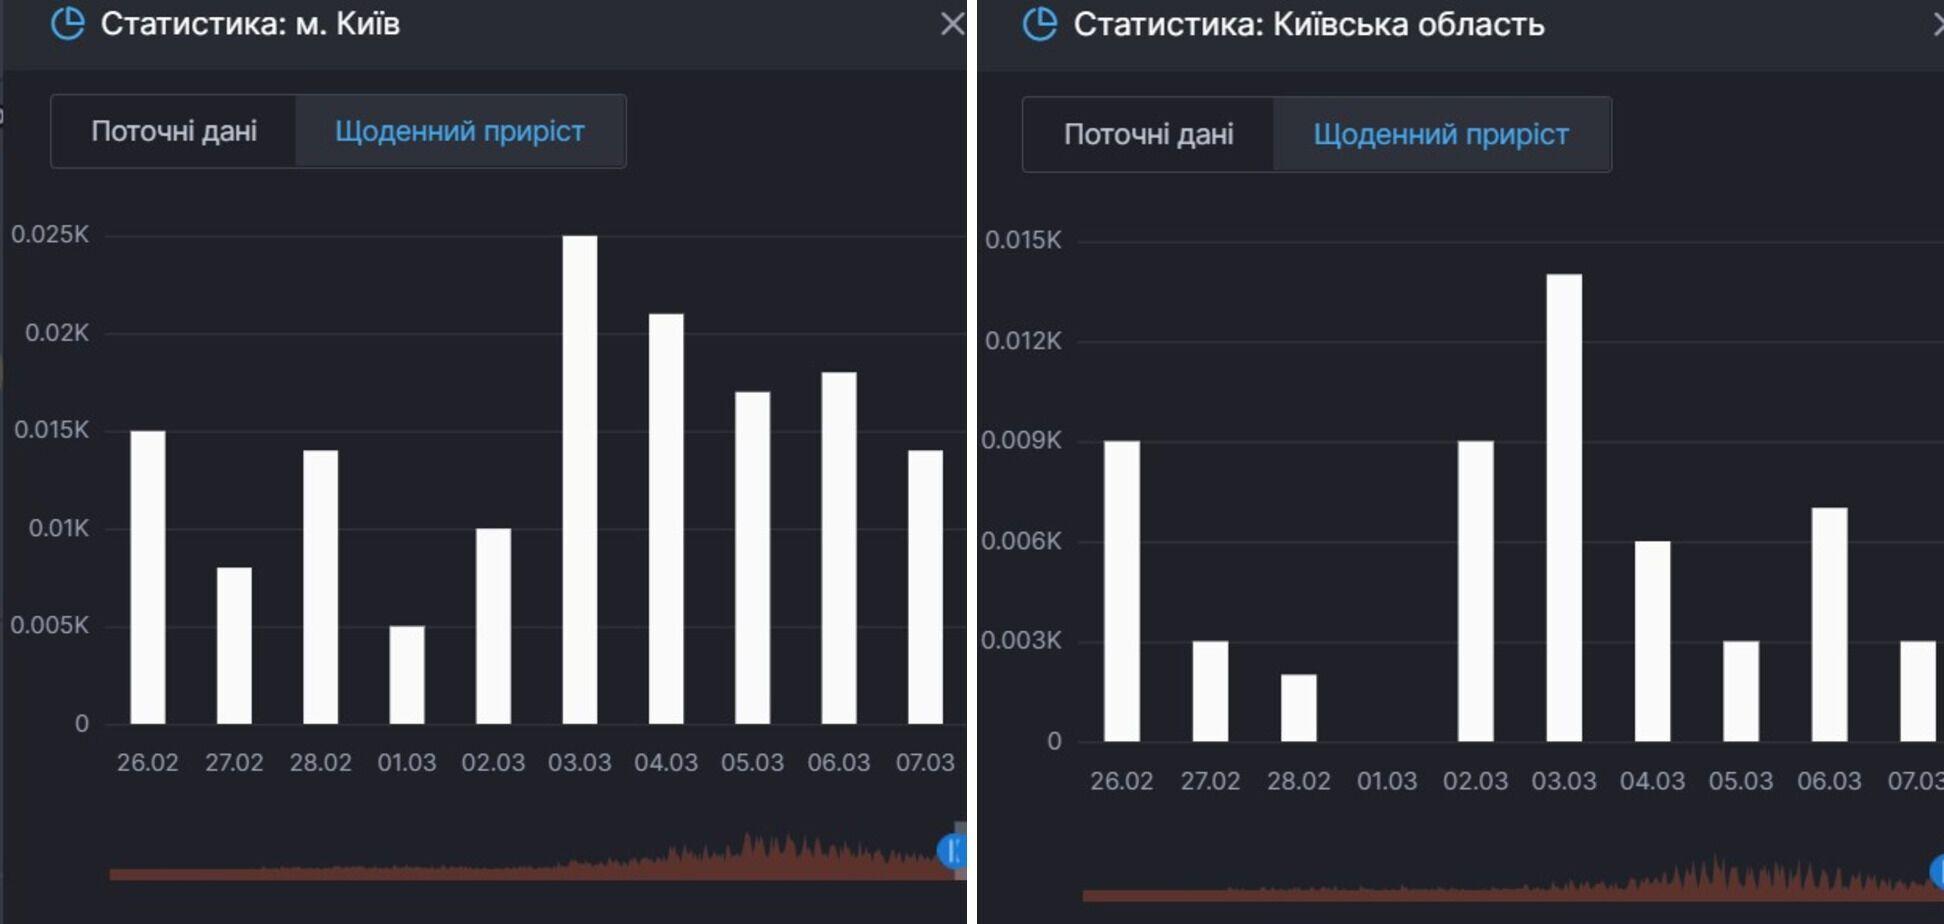 Приріст смертей від COVID-19 у Києві та області